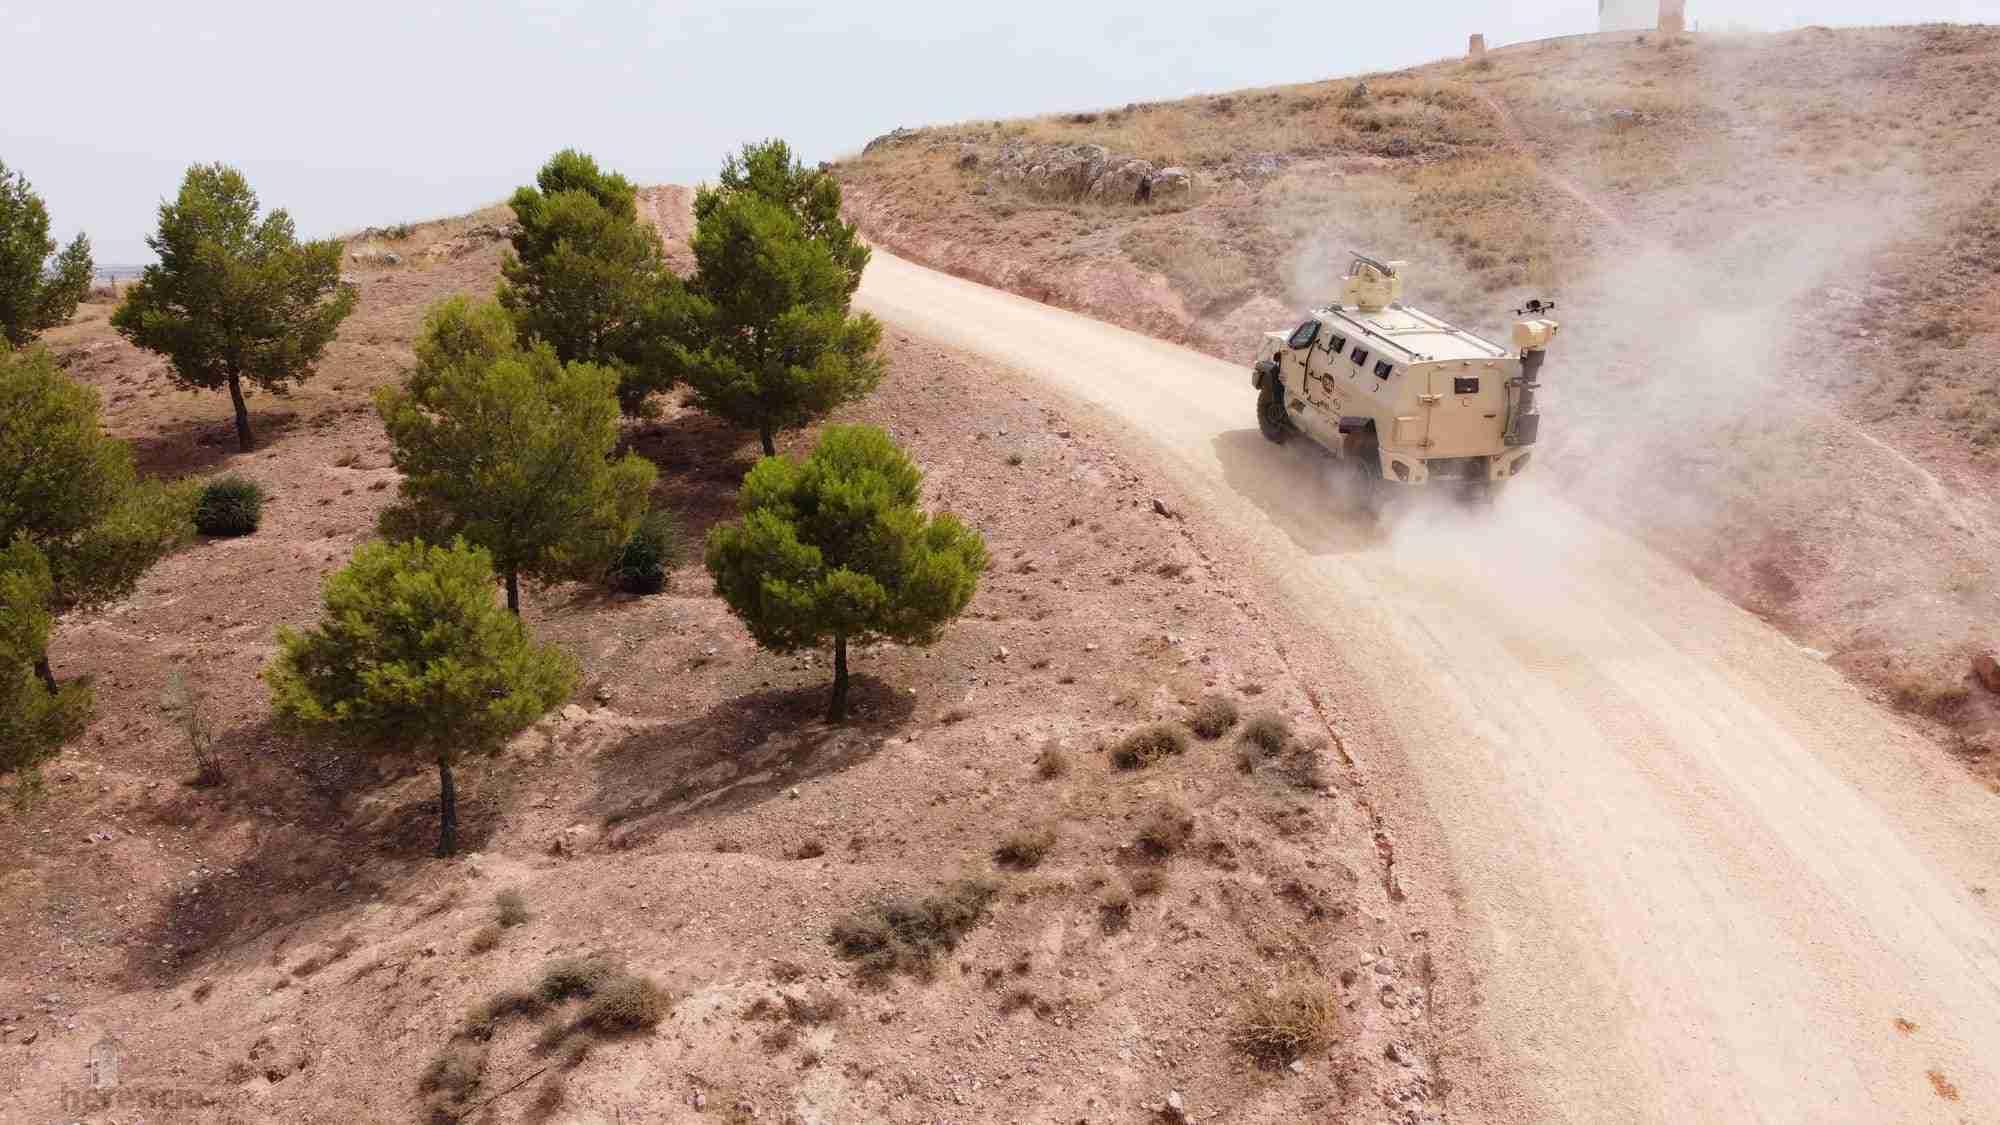 TSD presenta IBERO, un vehículo táctico multipropósito, con adaptabilidad y versatilidad 22